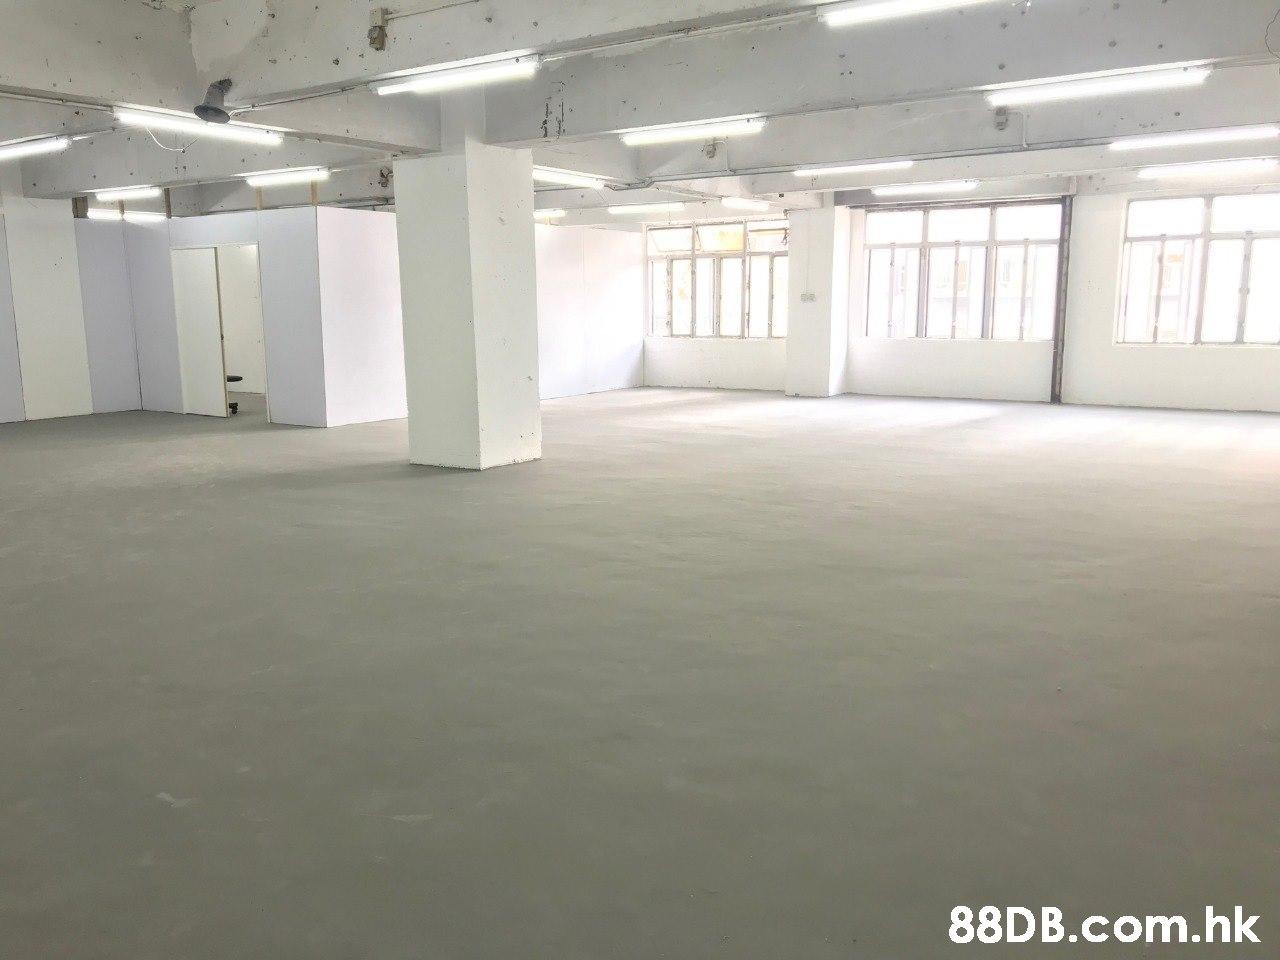 .hk  Floor,Flooring,Ceiling,Building,Room